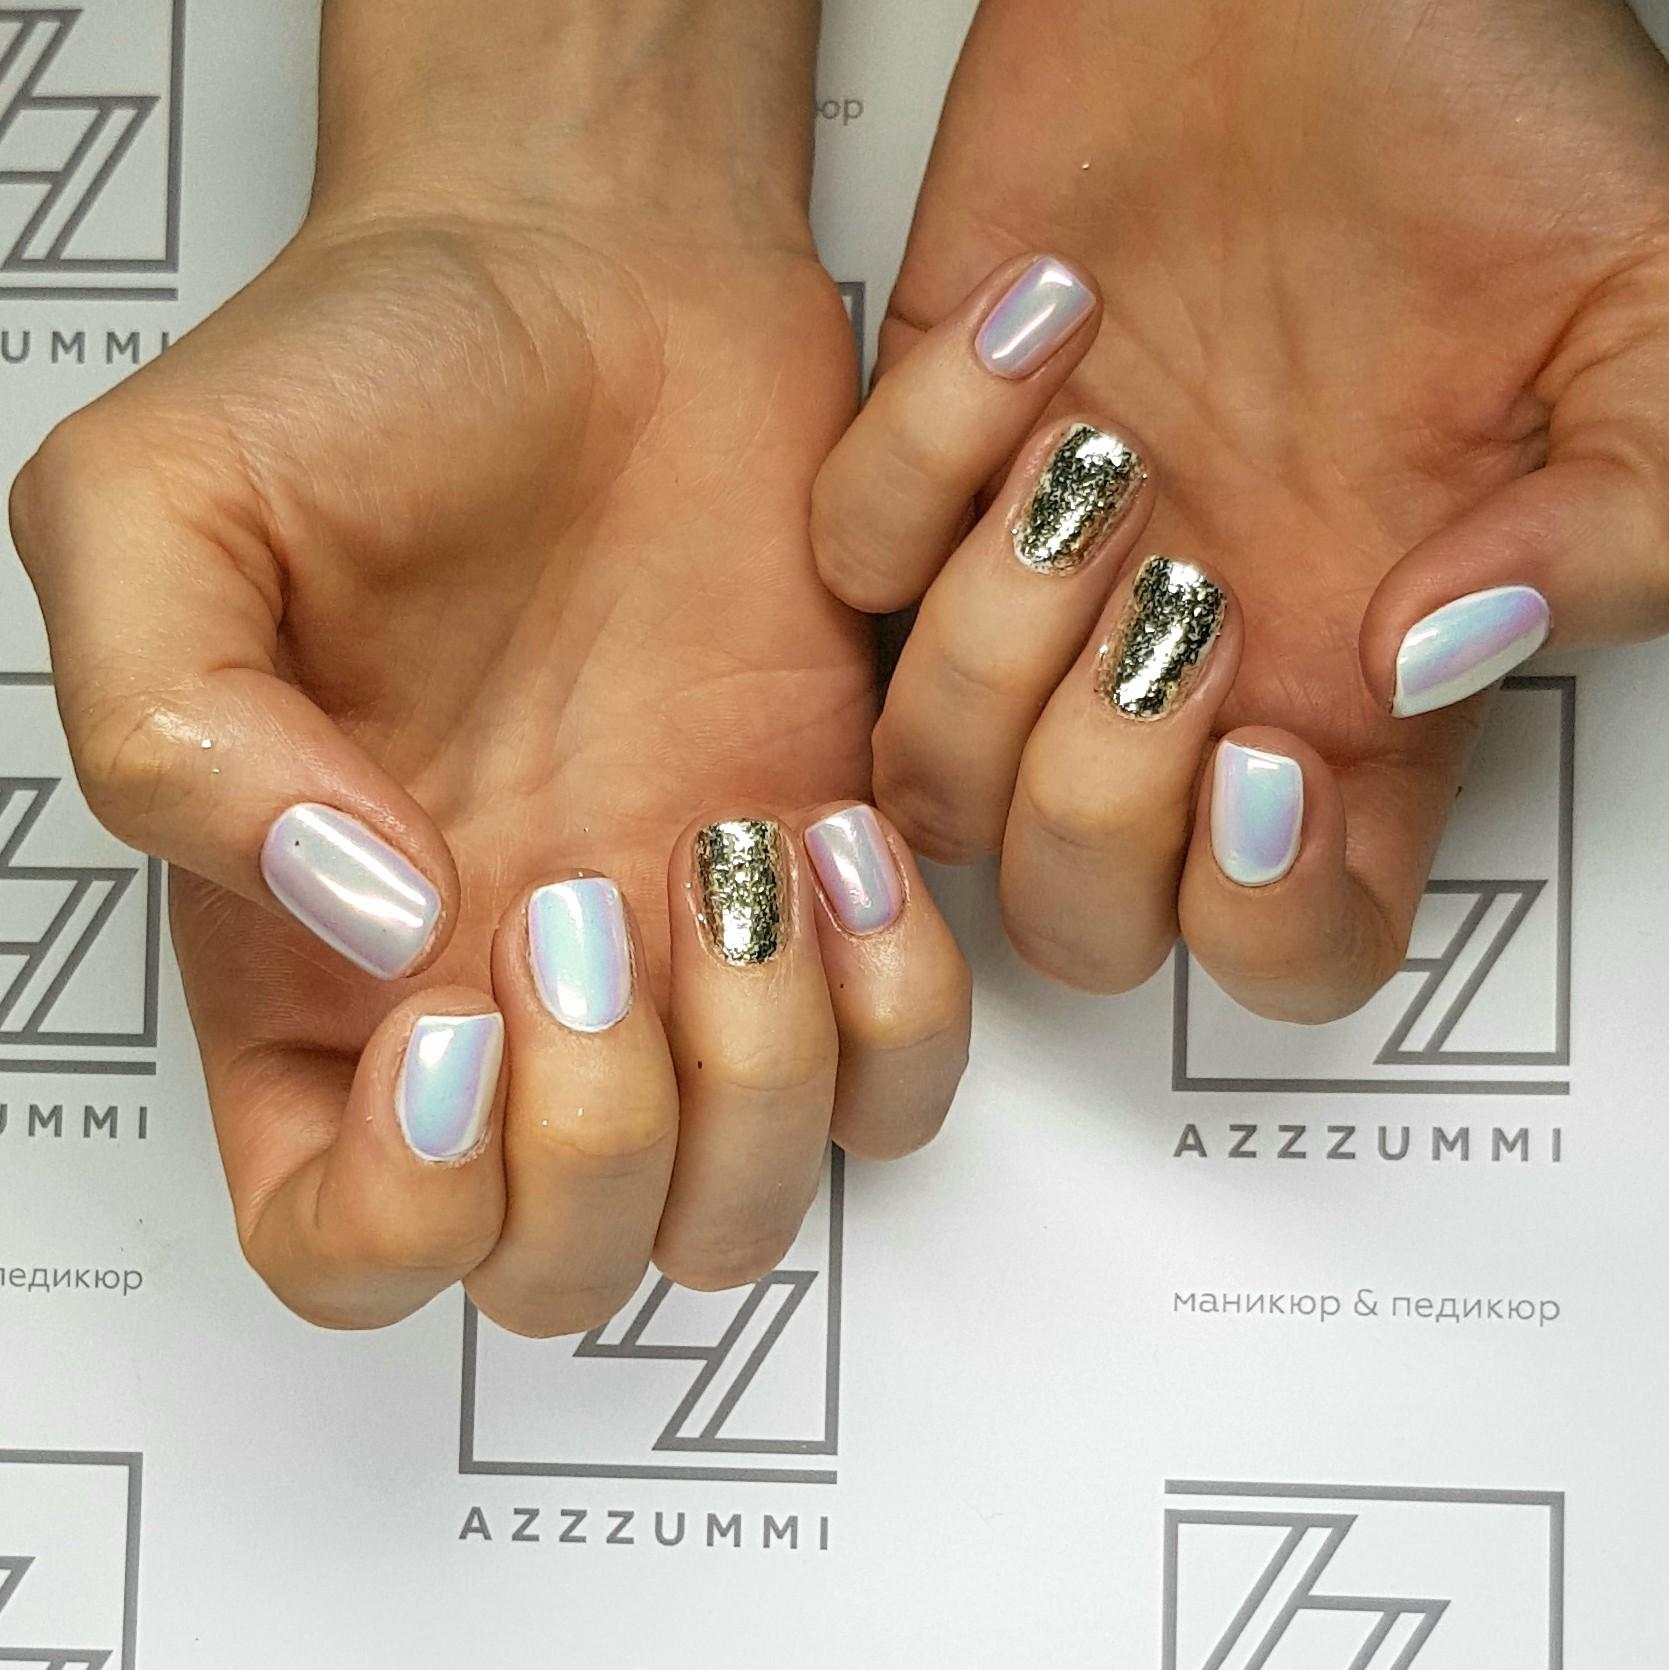 Azzzummi_nails_ 1905_золотыехлопья2